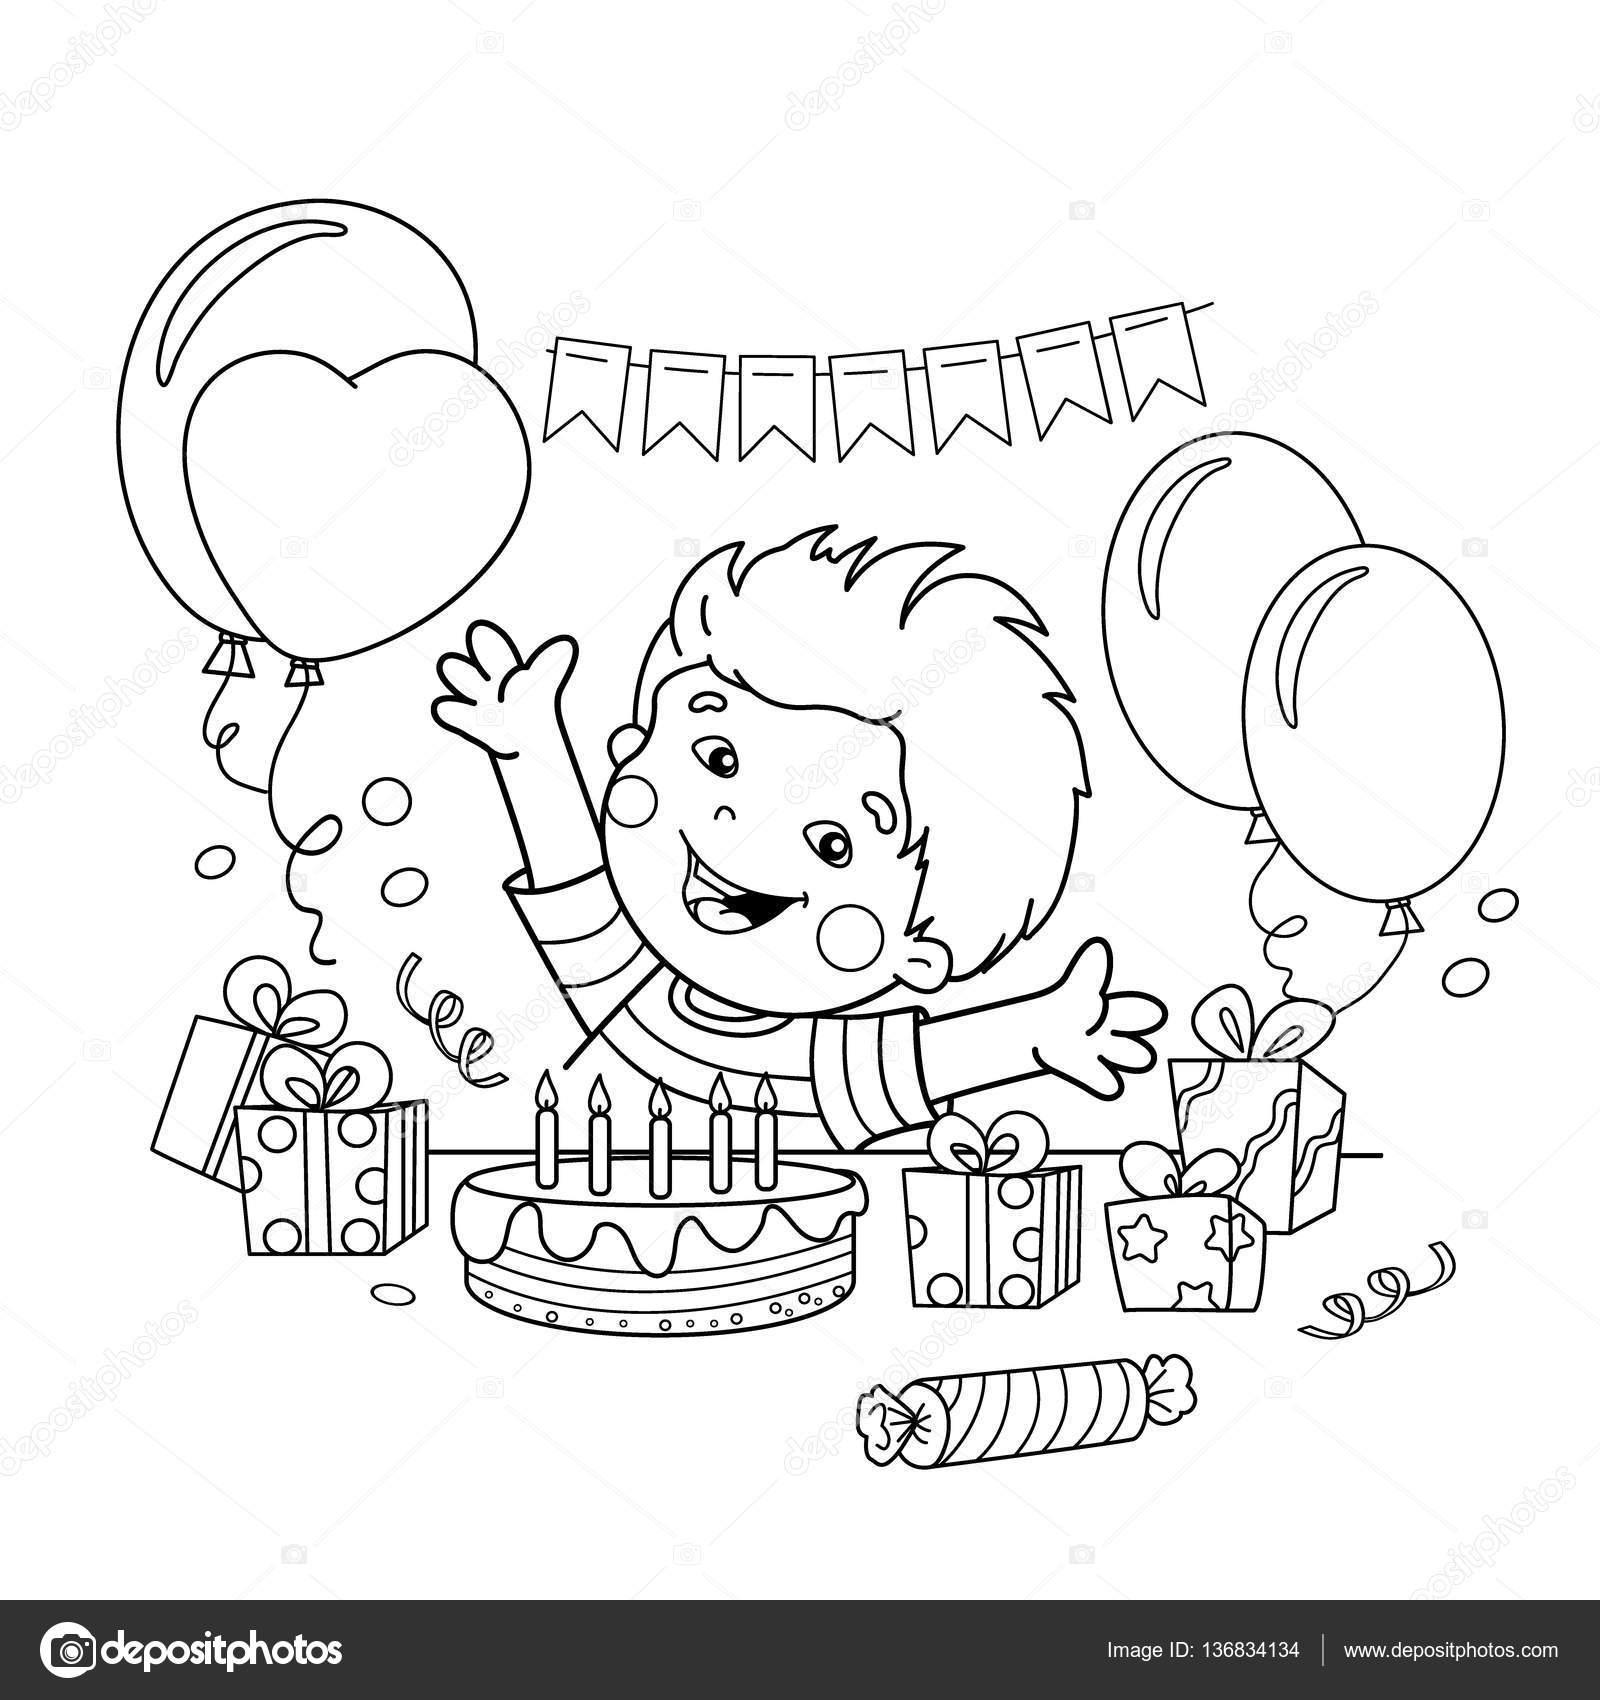 Para colorear página esquema de niño de dibujos animados con un ...